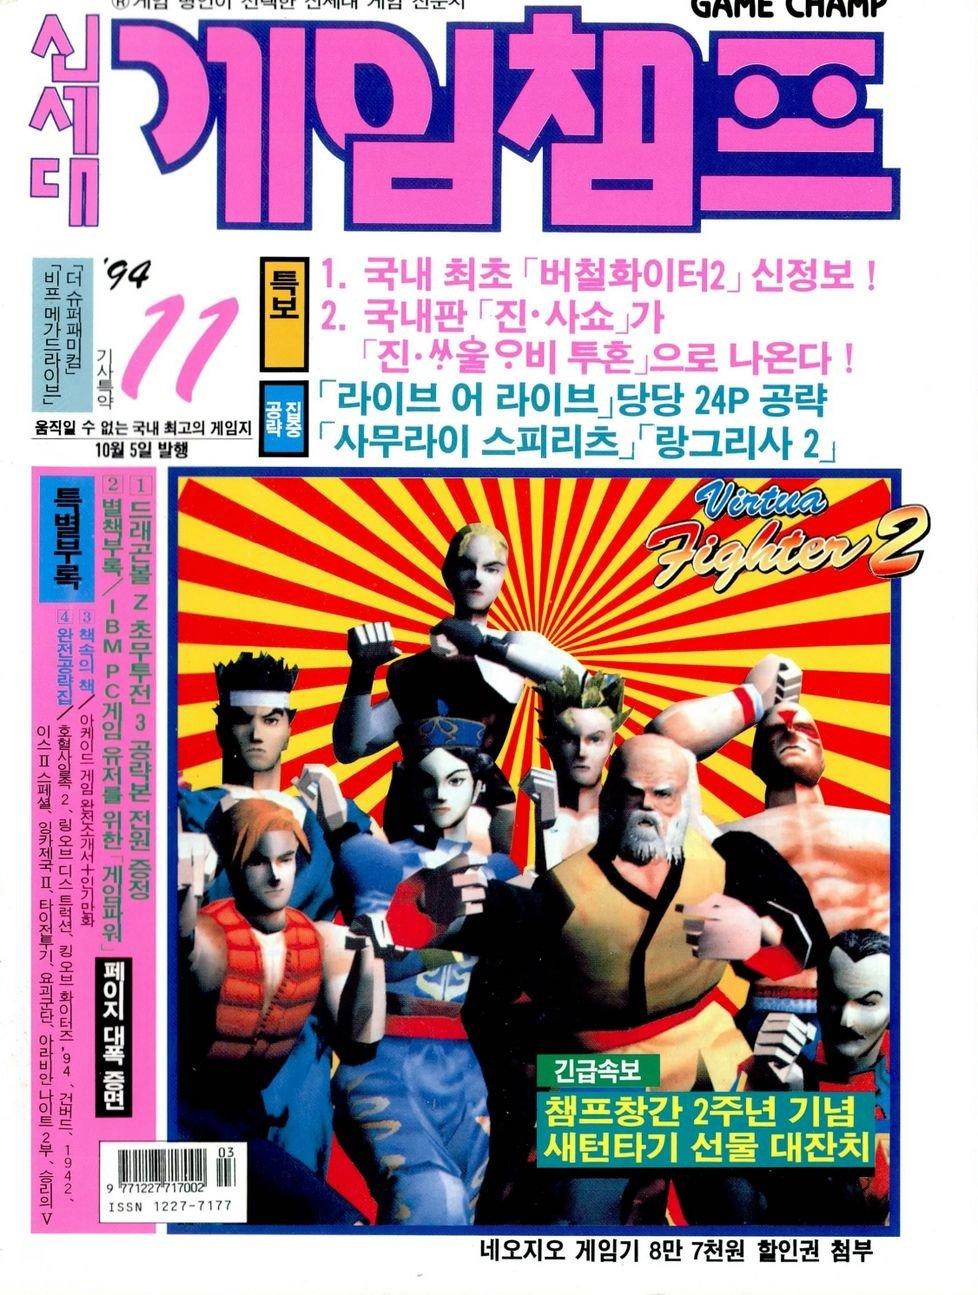 Game Champ Issue 024 (November 1994)